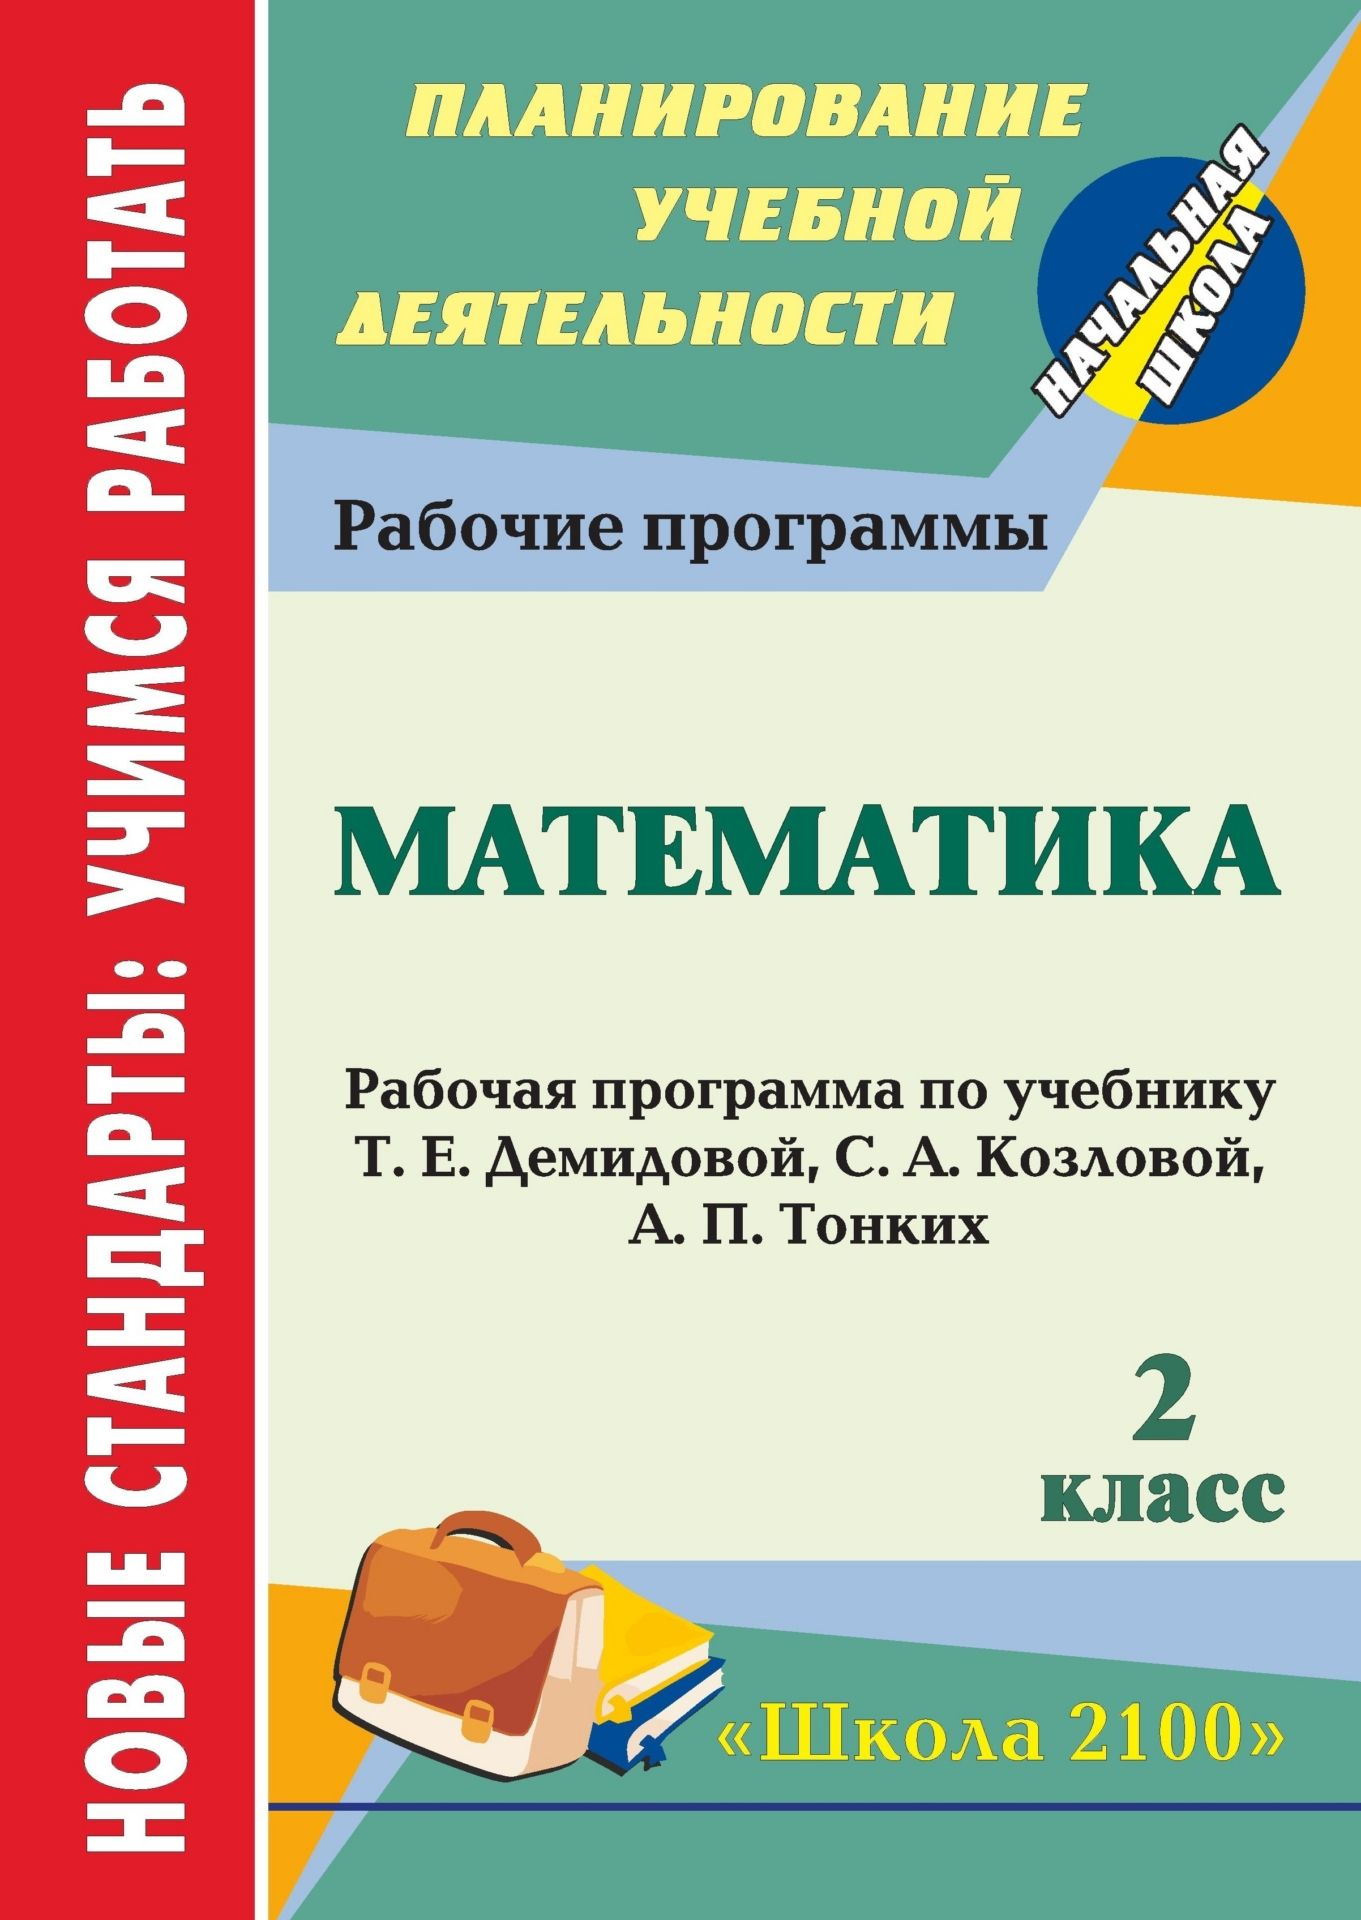 Математика. 2 класс: рабочая программа по учебнику Т. Е. Демидовой, С. А. Козловой, А. П. ТонкихПредметы<br>В пособии представлена рабочая программа по математике для 2 класса, разработанная в соответствии с основными положениями федерального государственного образовательного стандарта и ориентированная на работу по учебнику Т. Е. Демидовой, С. А. Козловой, А. ...<br><br>Авторы: Кузнецова Н. Н.<br>Год: 2012<br>Серия: ФГОС. Планирование учебной деятельности<br>ISBN: 978-5-7057-3232-6<br>Высота: 285<br>Ширина: 203<br>Толщина: 5<br>Переплёт: мягкая, склейка